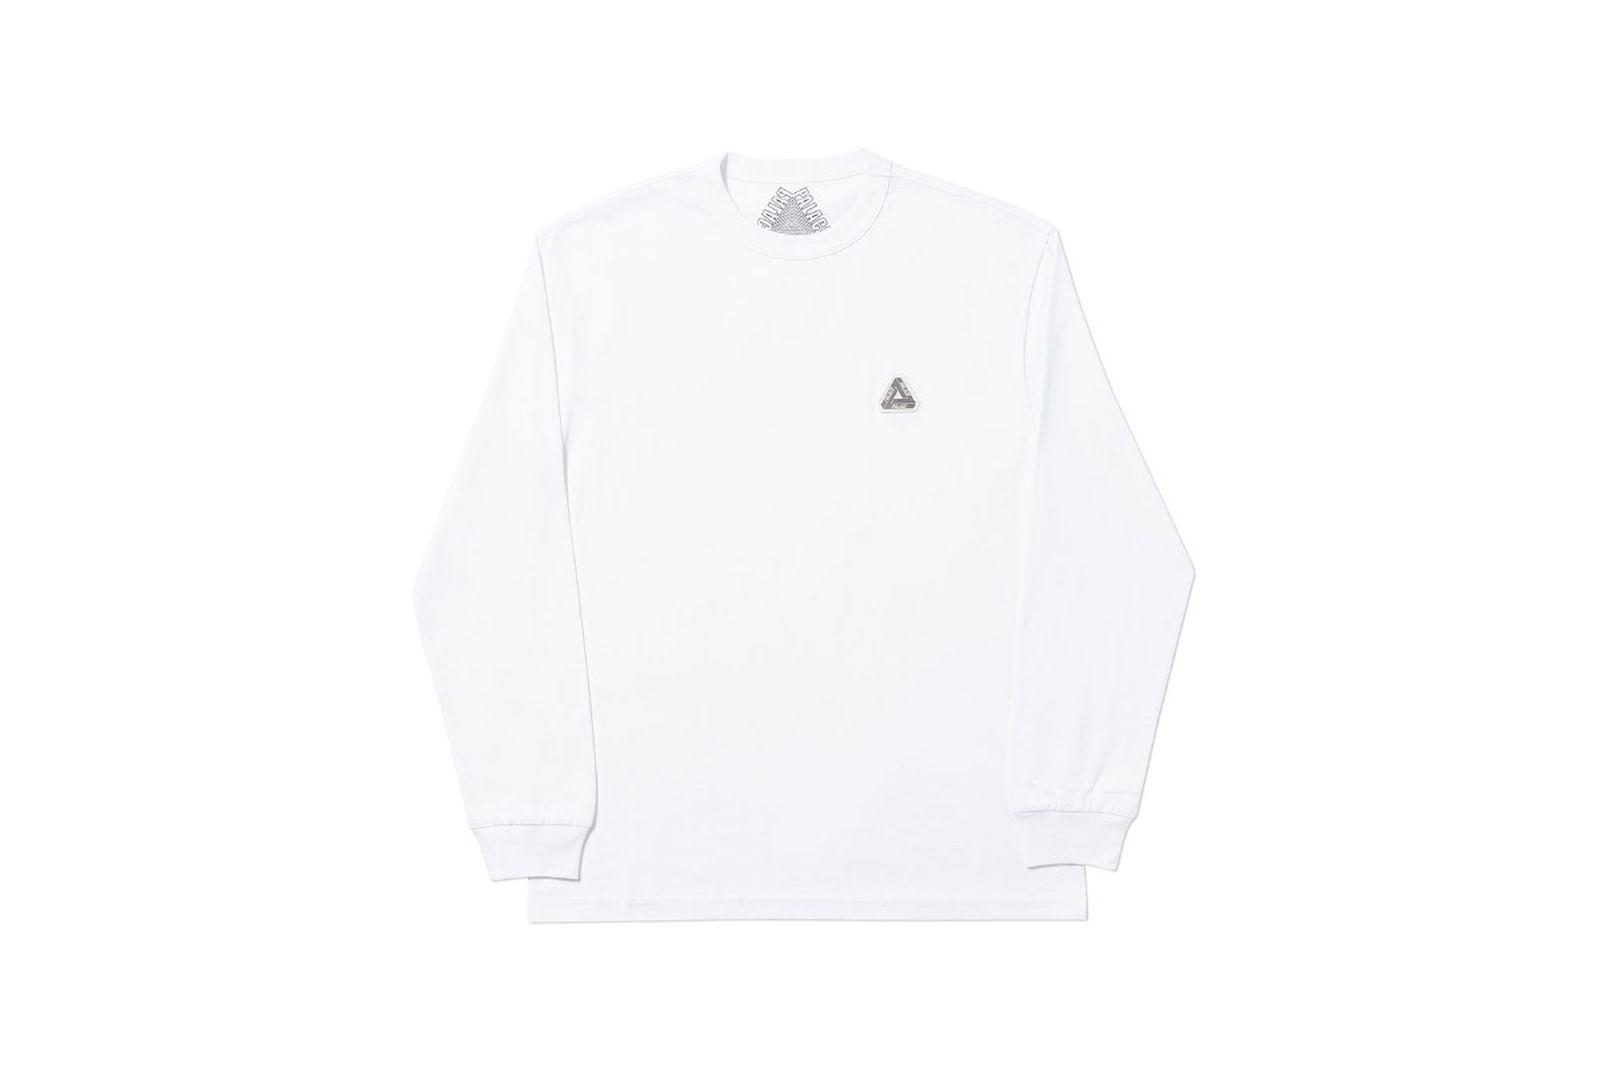 Palace 2019 Autumn Longsleeve T Shirt white